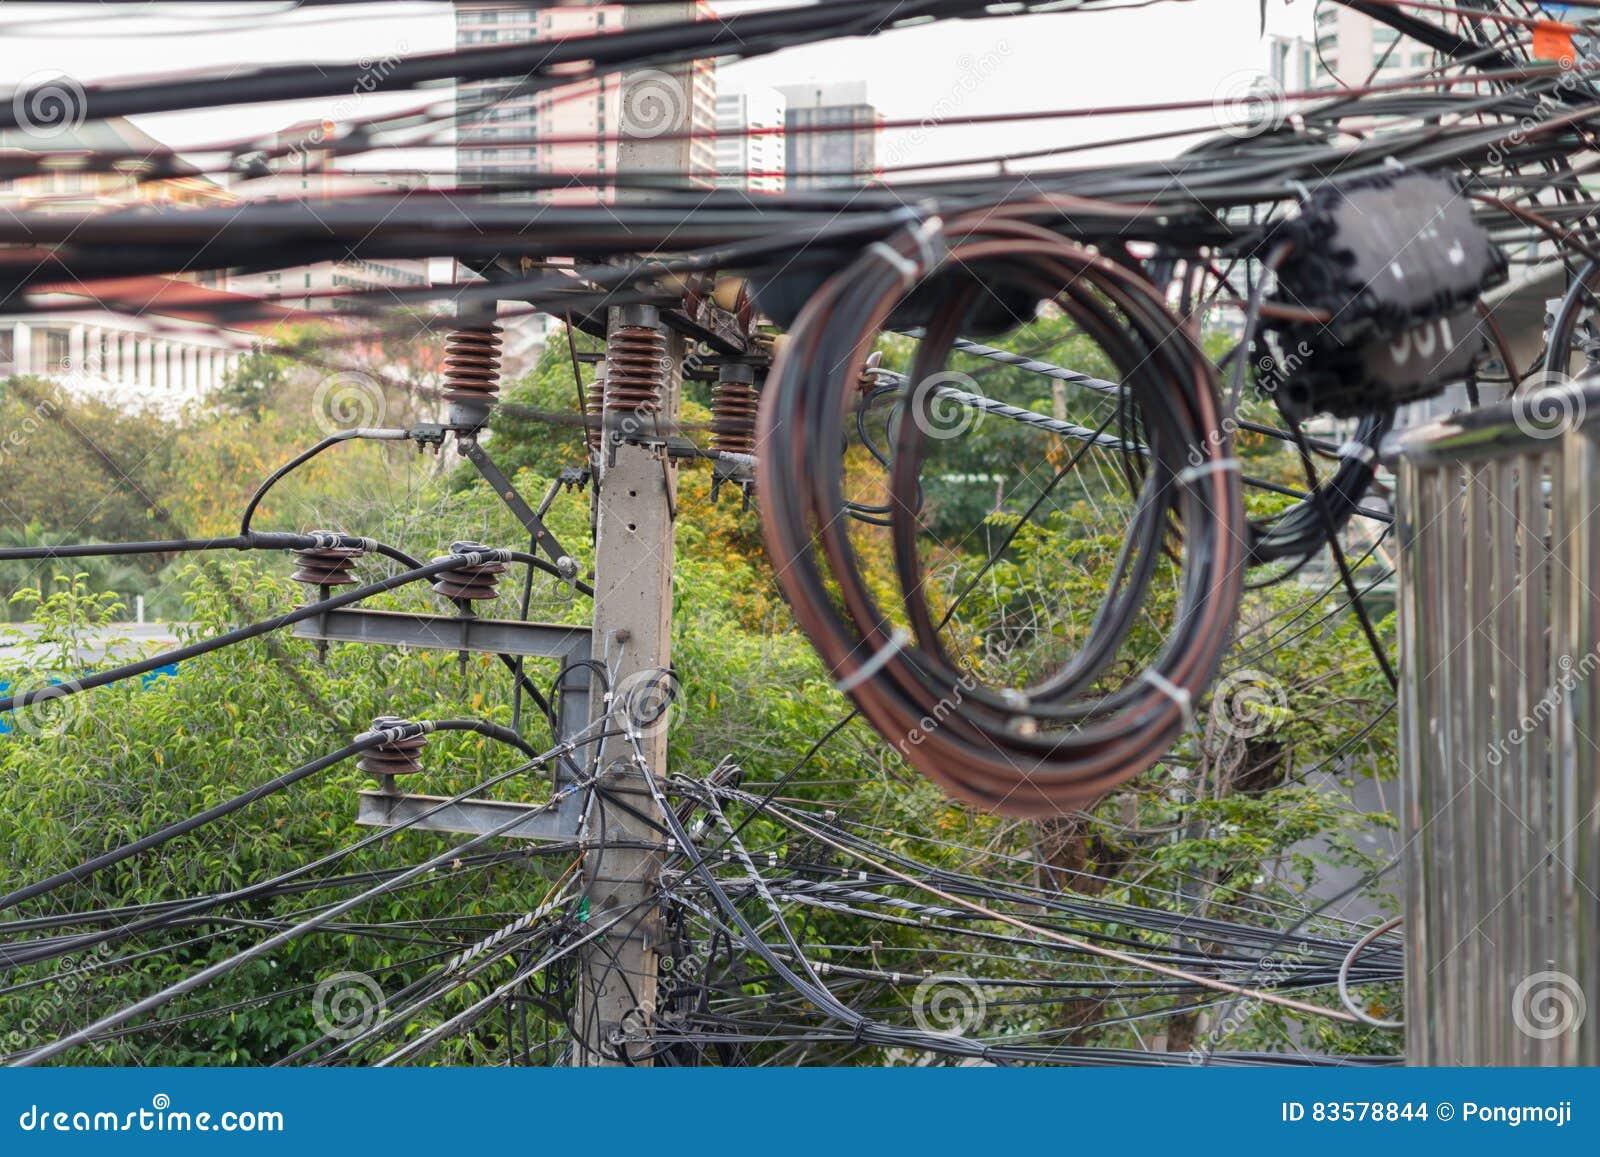 Elektriciteitssysteem Met Verwarde Kabel Van Elektrische Draad Stock